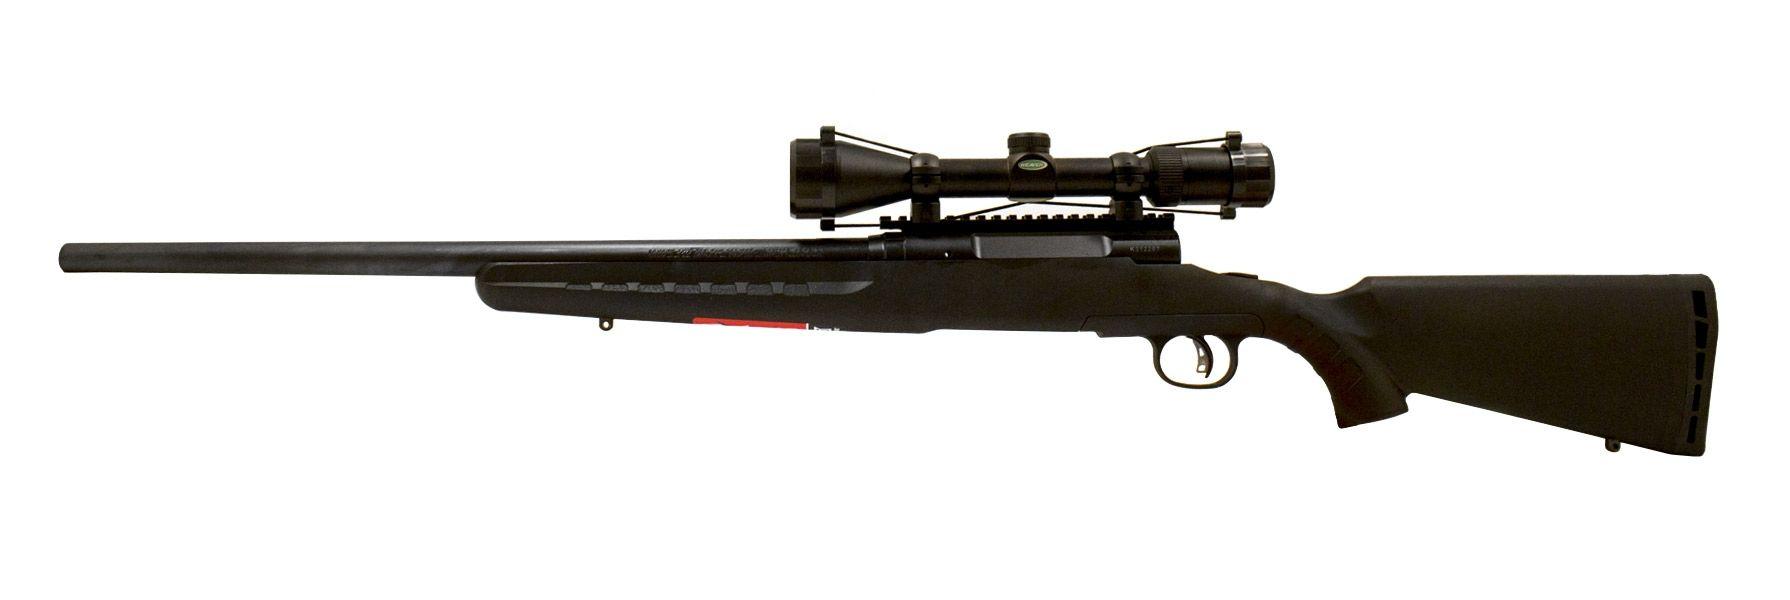 Savage Axis II XP 6.5 Creedmore Heavy Barrel Rifle - 22681